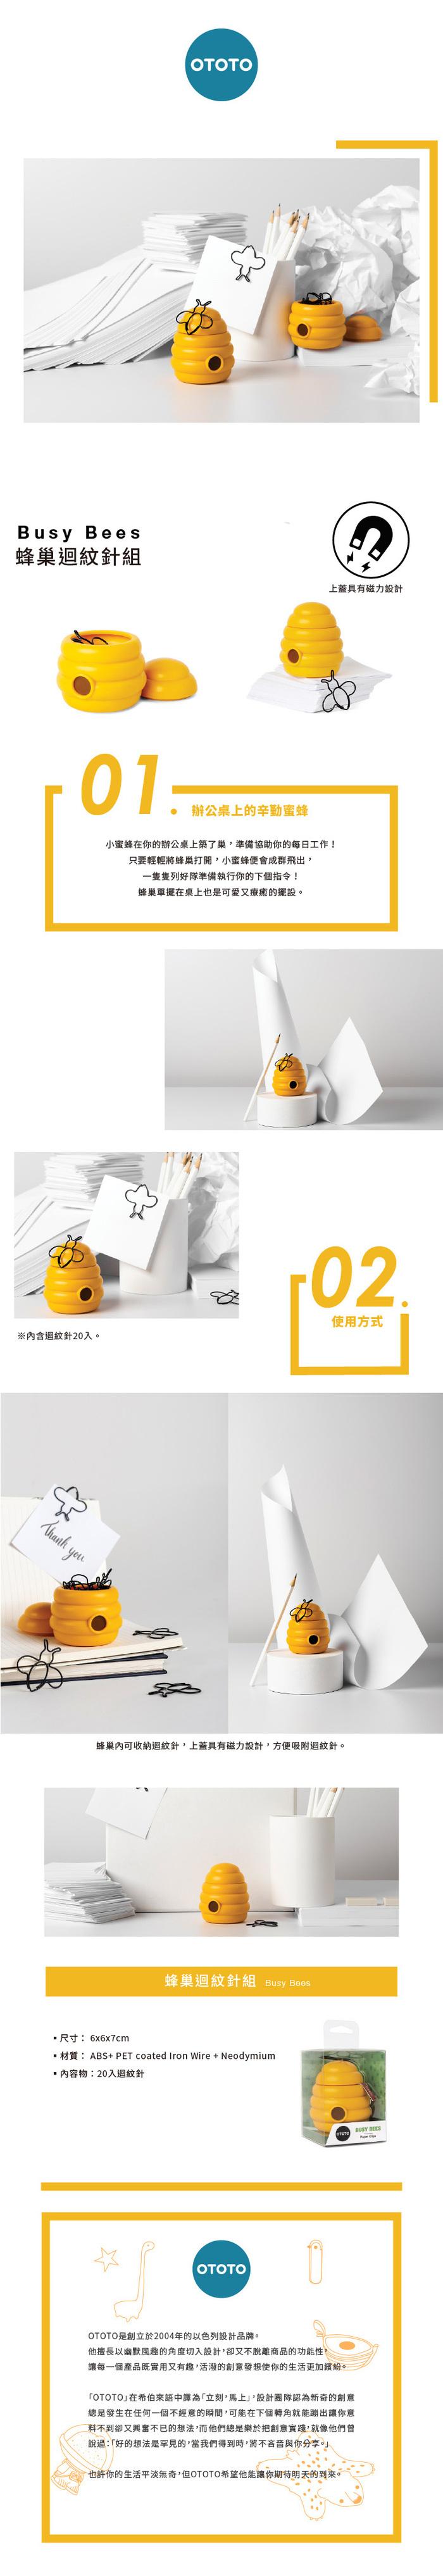 (複製)OTOTO|害羞鴕鳥湯匙